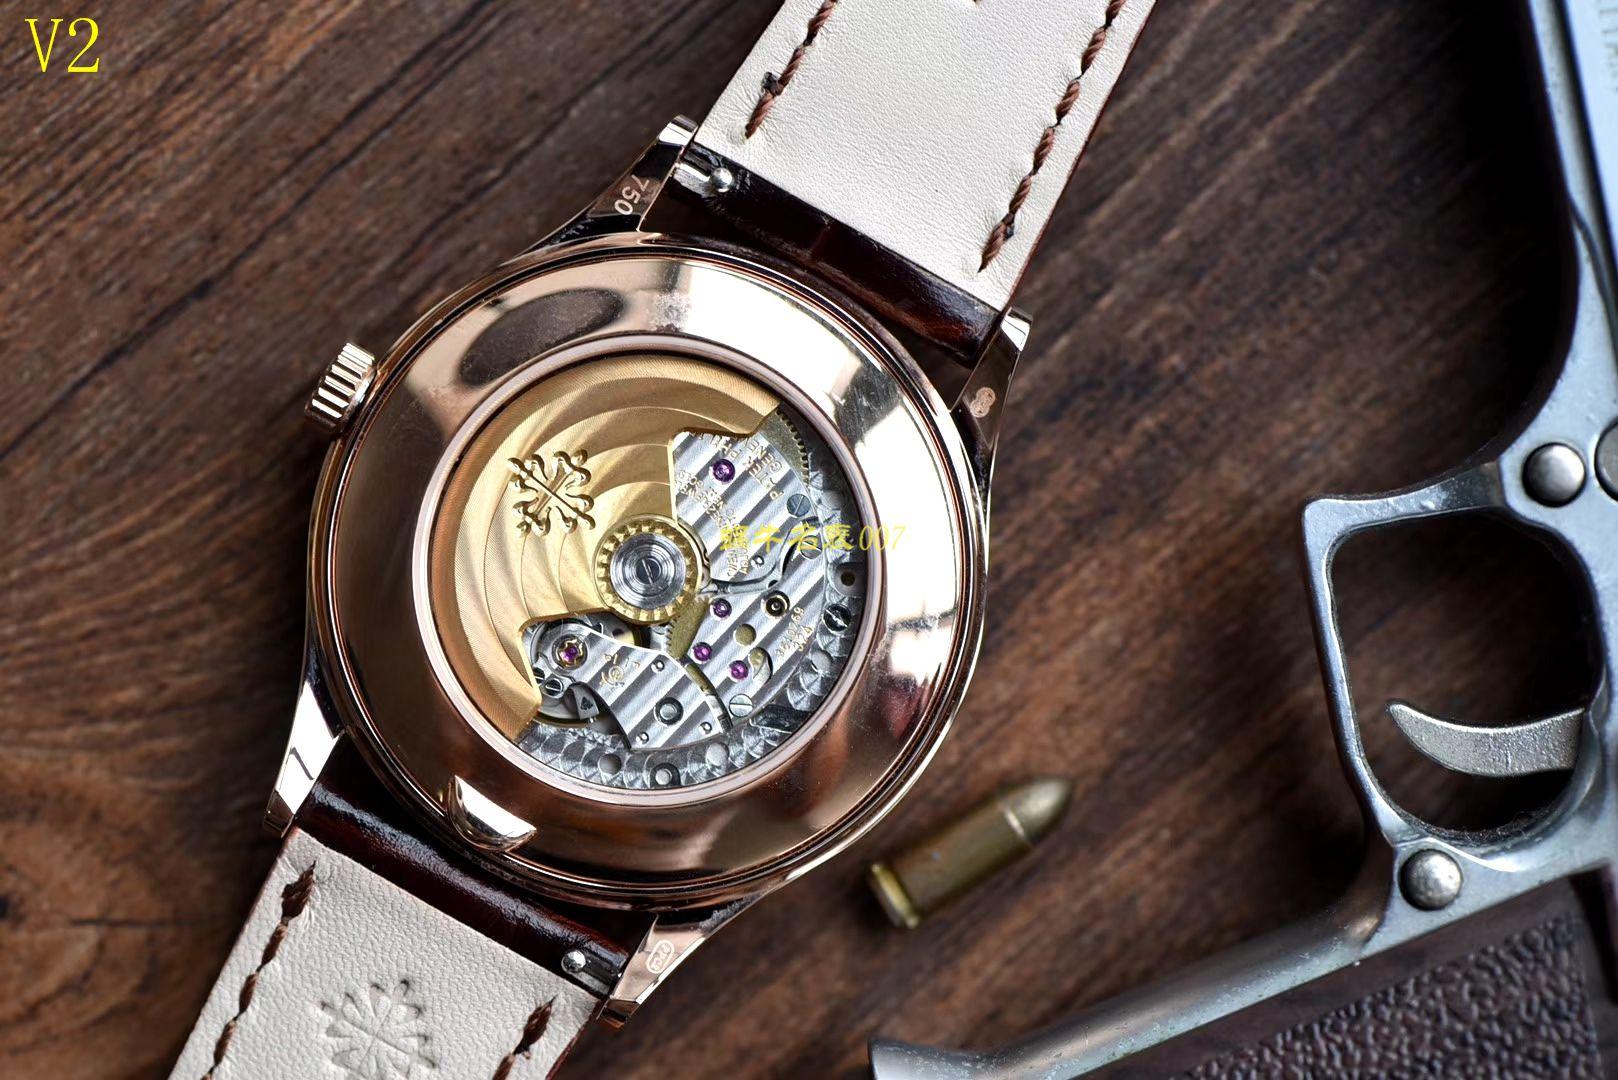 百达翡丽复杂功能计时系列5396R-015腕表【KM一比一高仿手表】